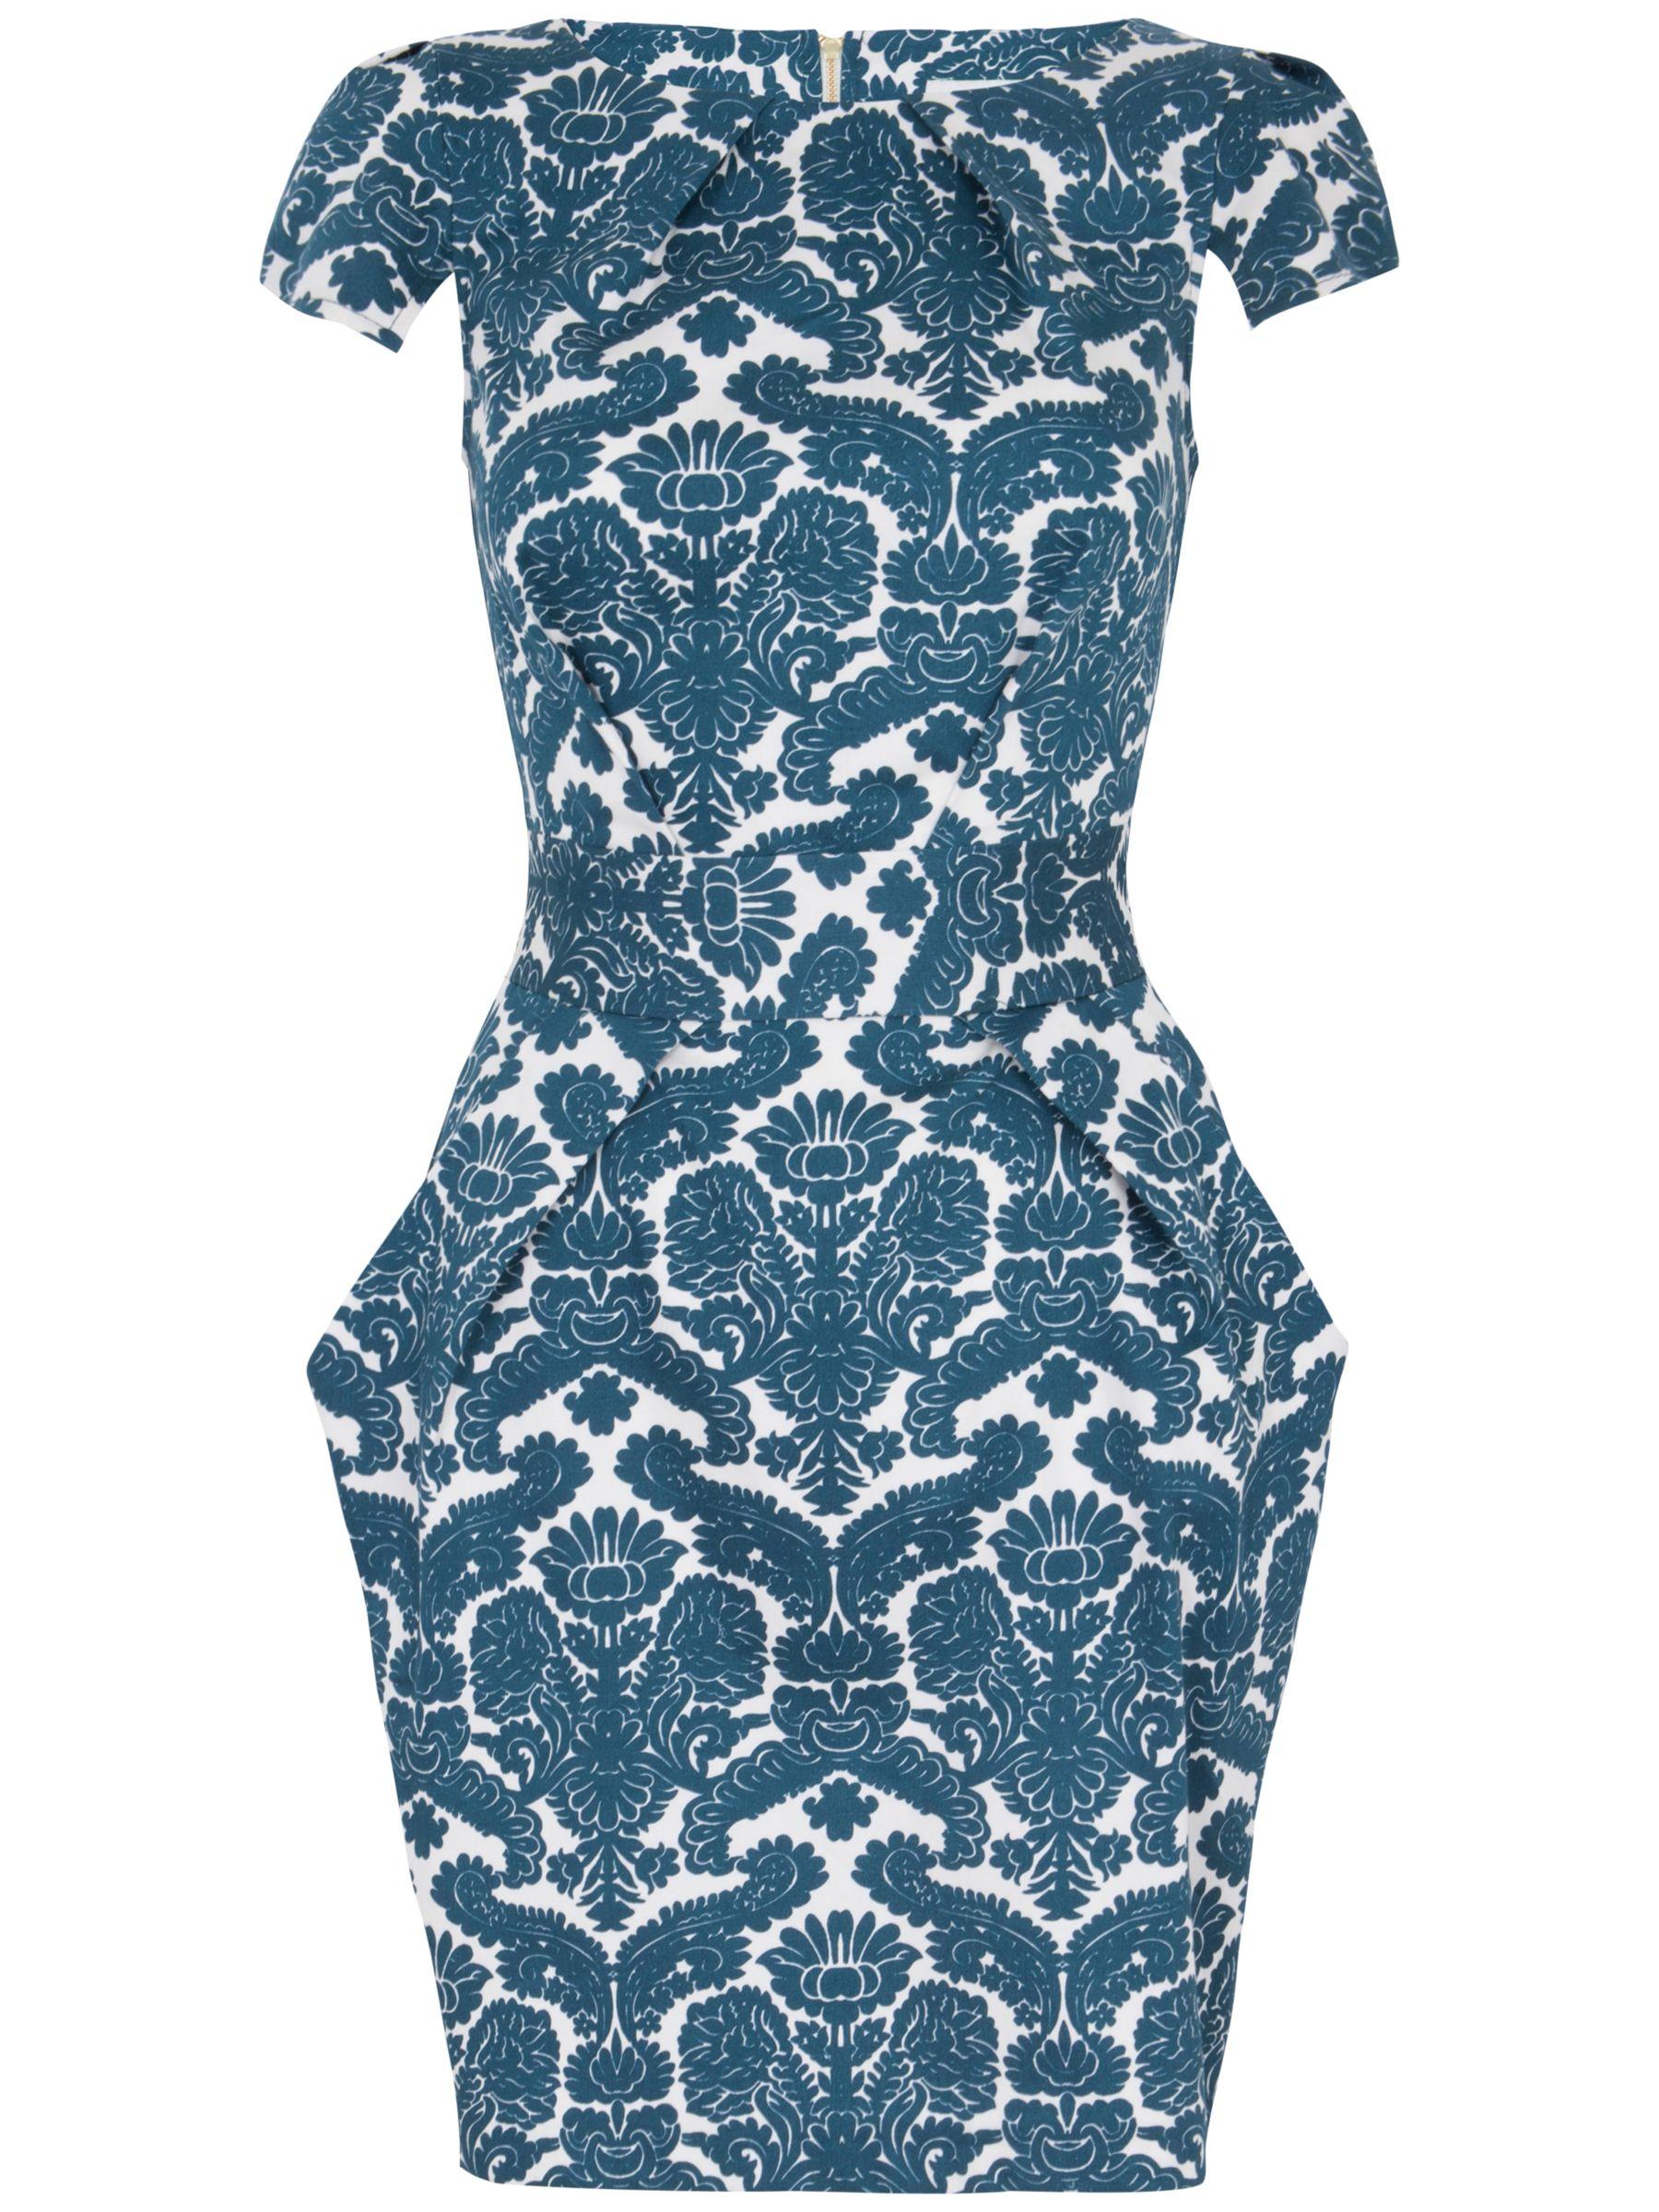 closet wallpaper print tie back dress teal, closet, wallpaper, print, tie, back, dress, teal, 10 8 14 16 12, women, womens dresses, 1669078